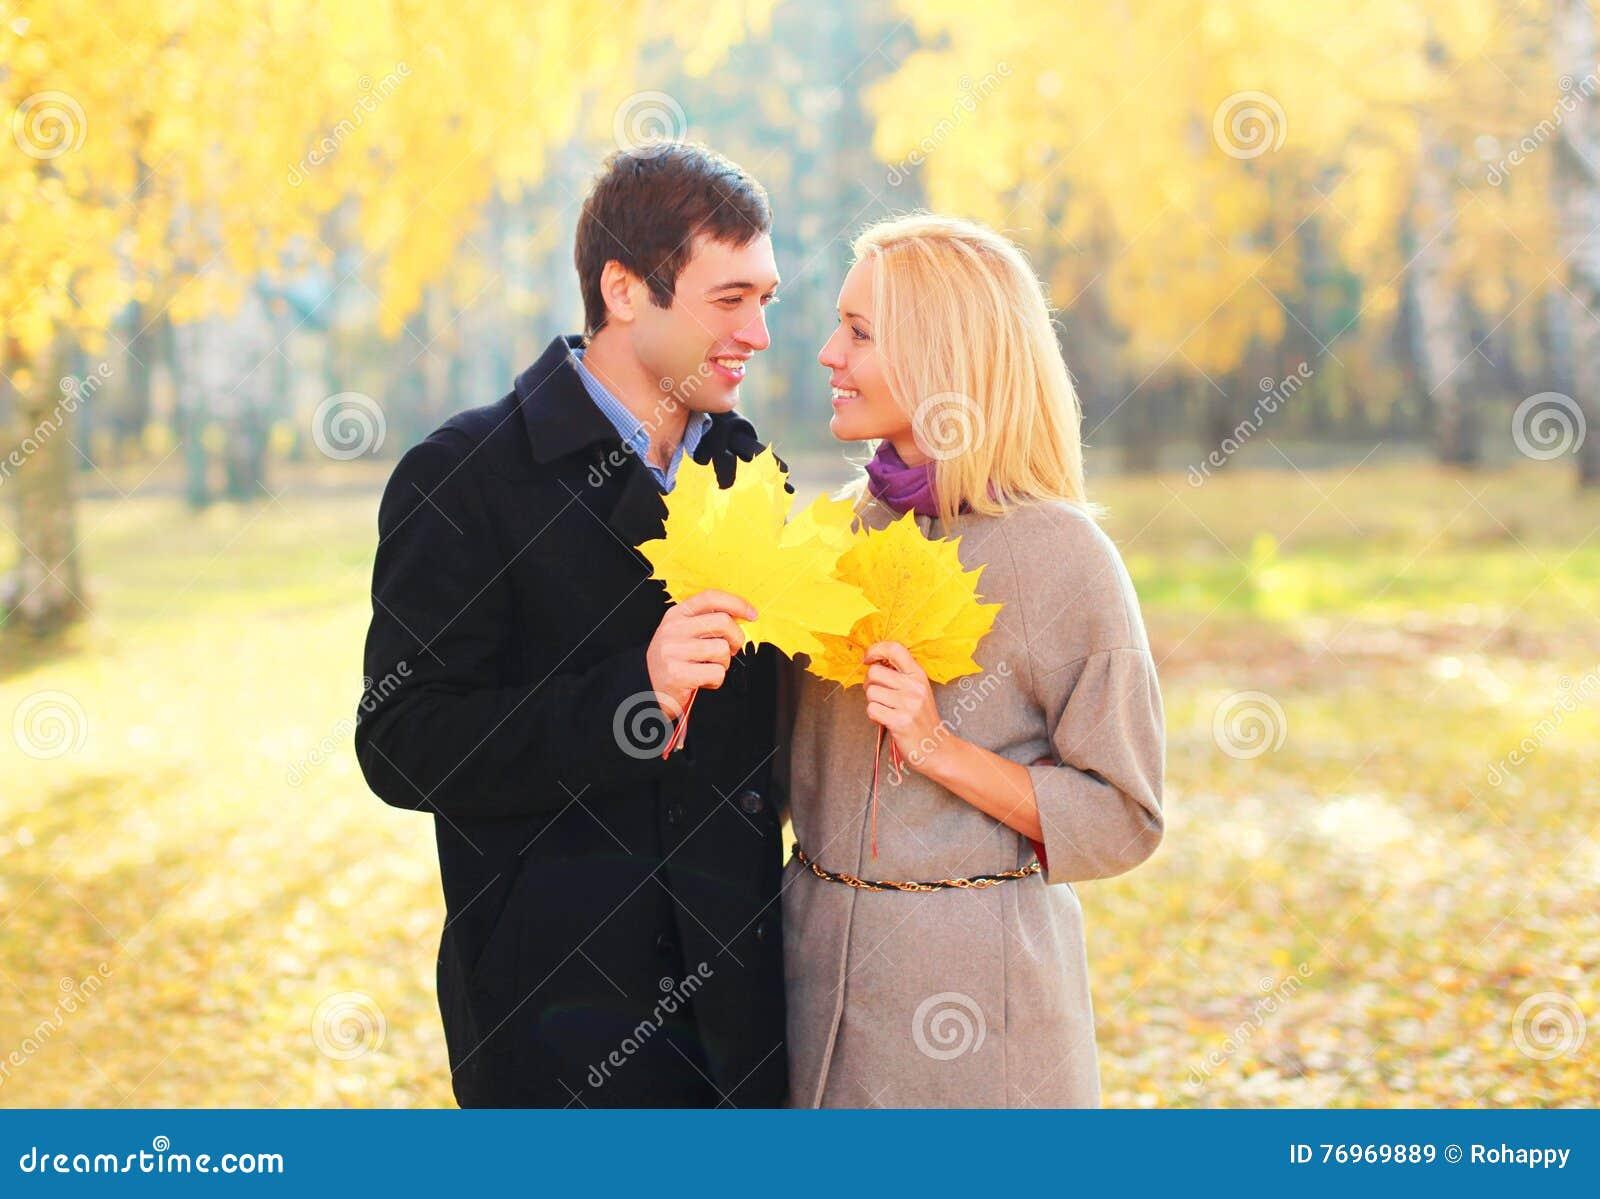 Портрет счастливых молодых усмехаясь пар с желтыми листьями клена в теплое солнечном